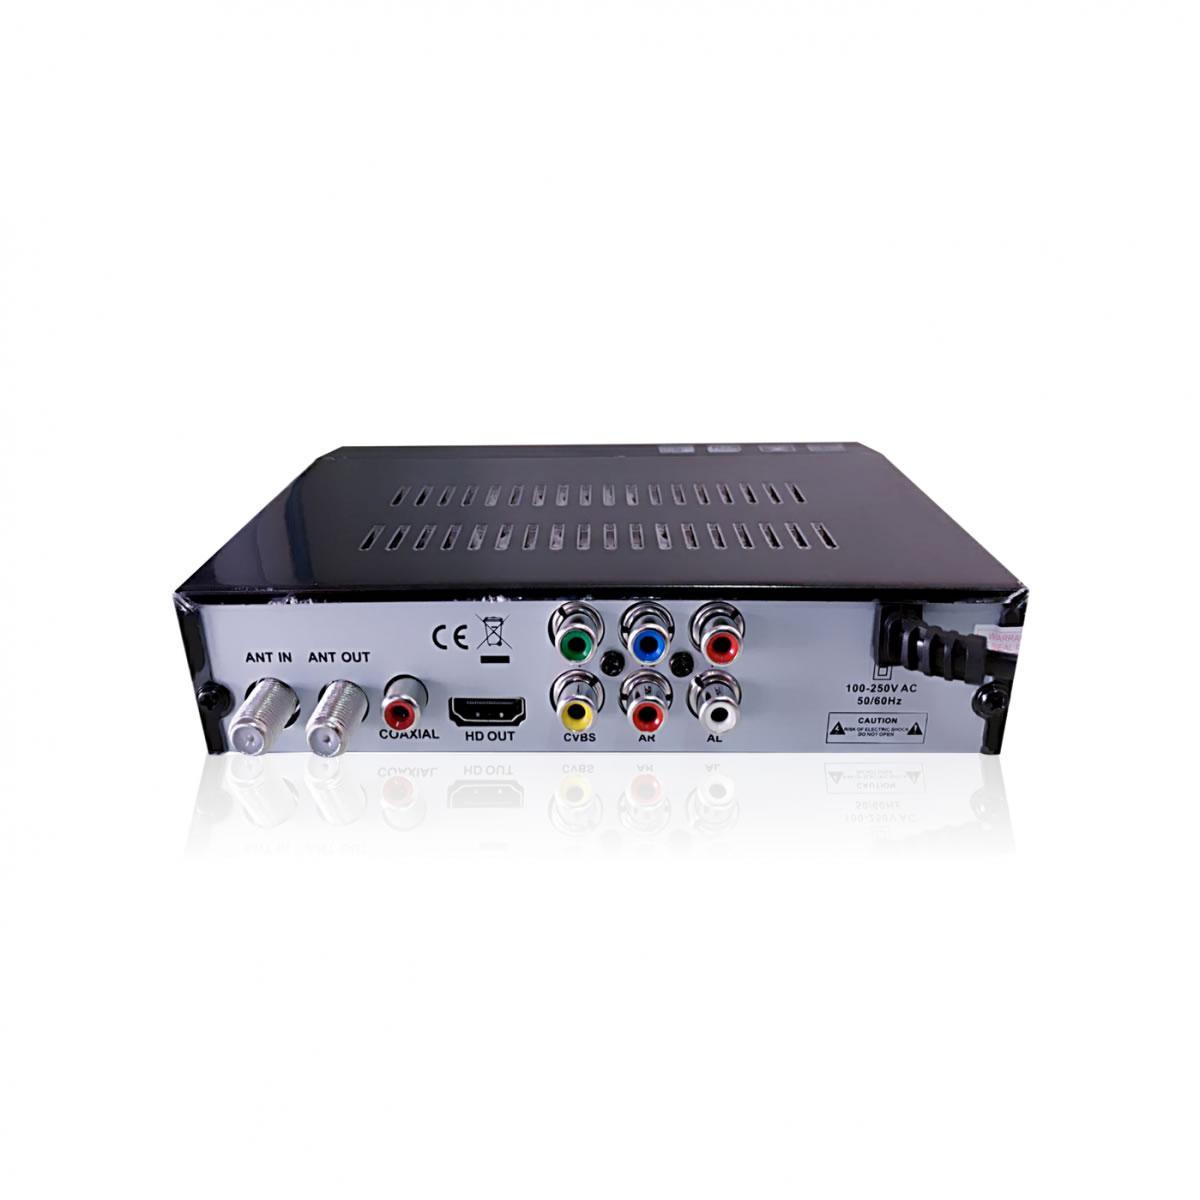 Conversor Digital Inova com Saída HDMI e RCA Tv Tubo Antiga e Led